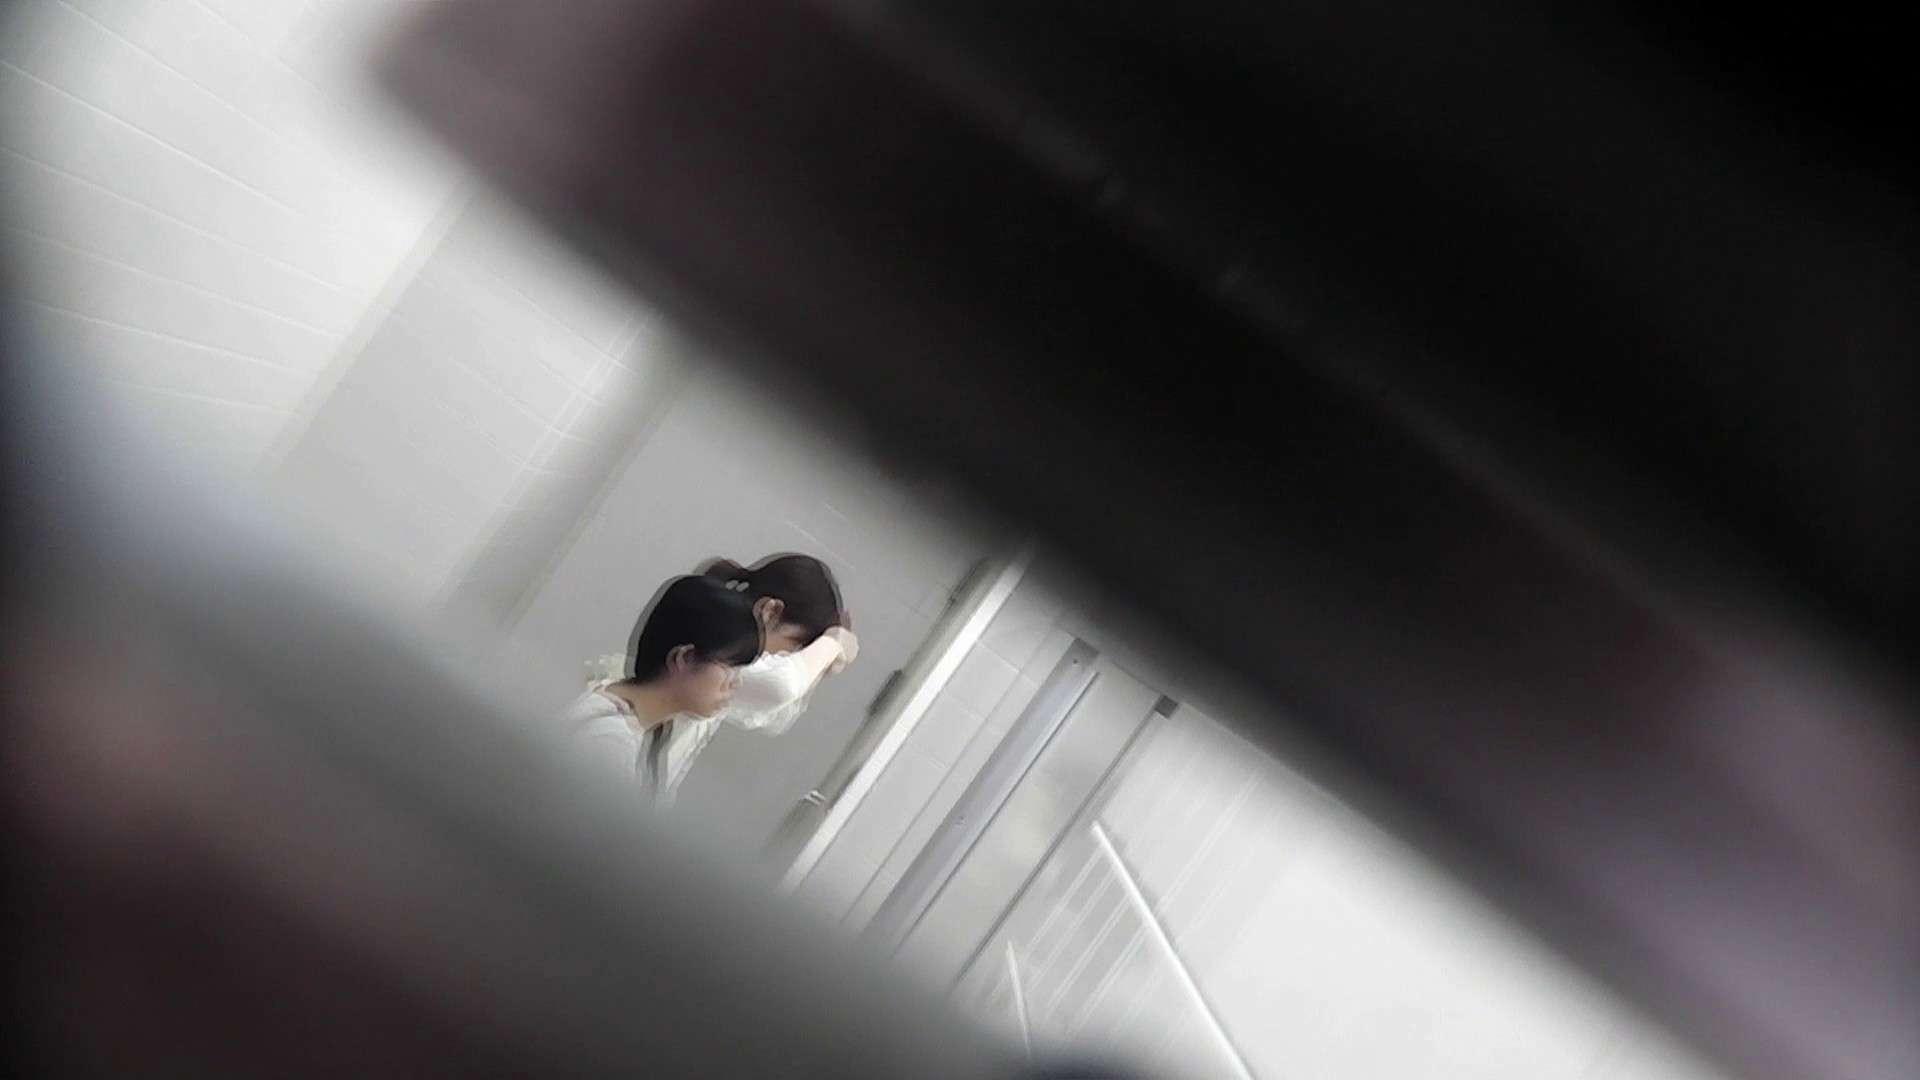 お銀 vol.72 あのかわいい子がついフロント撮り実演 洗面所 セックス無修正動画無料 88PIX 2